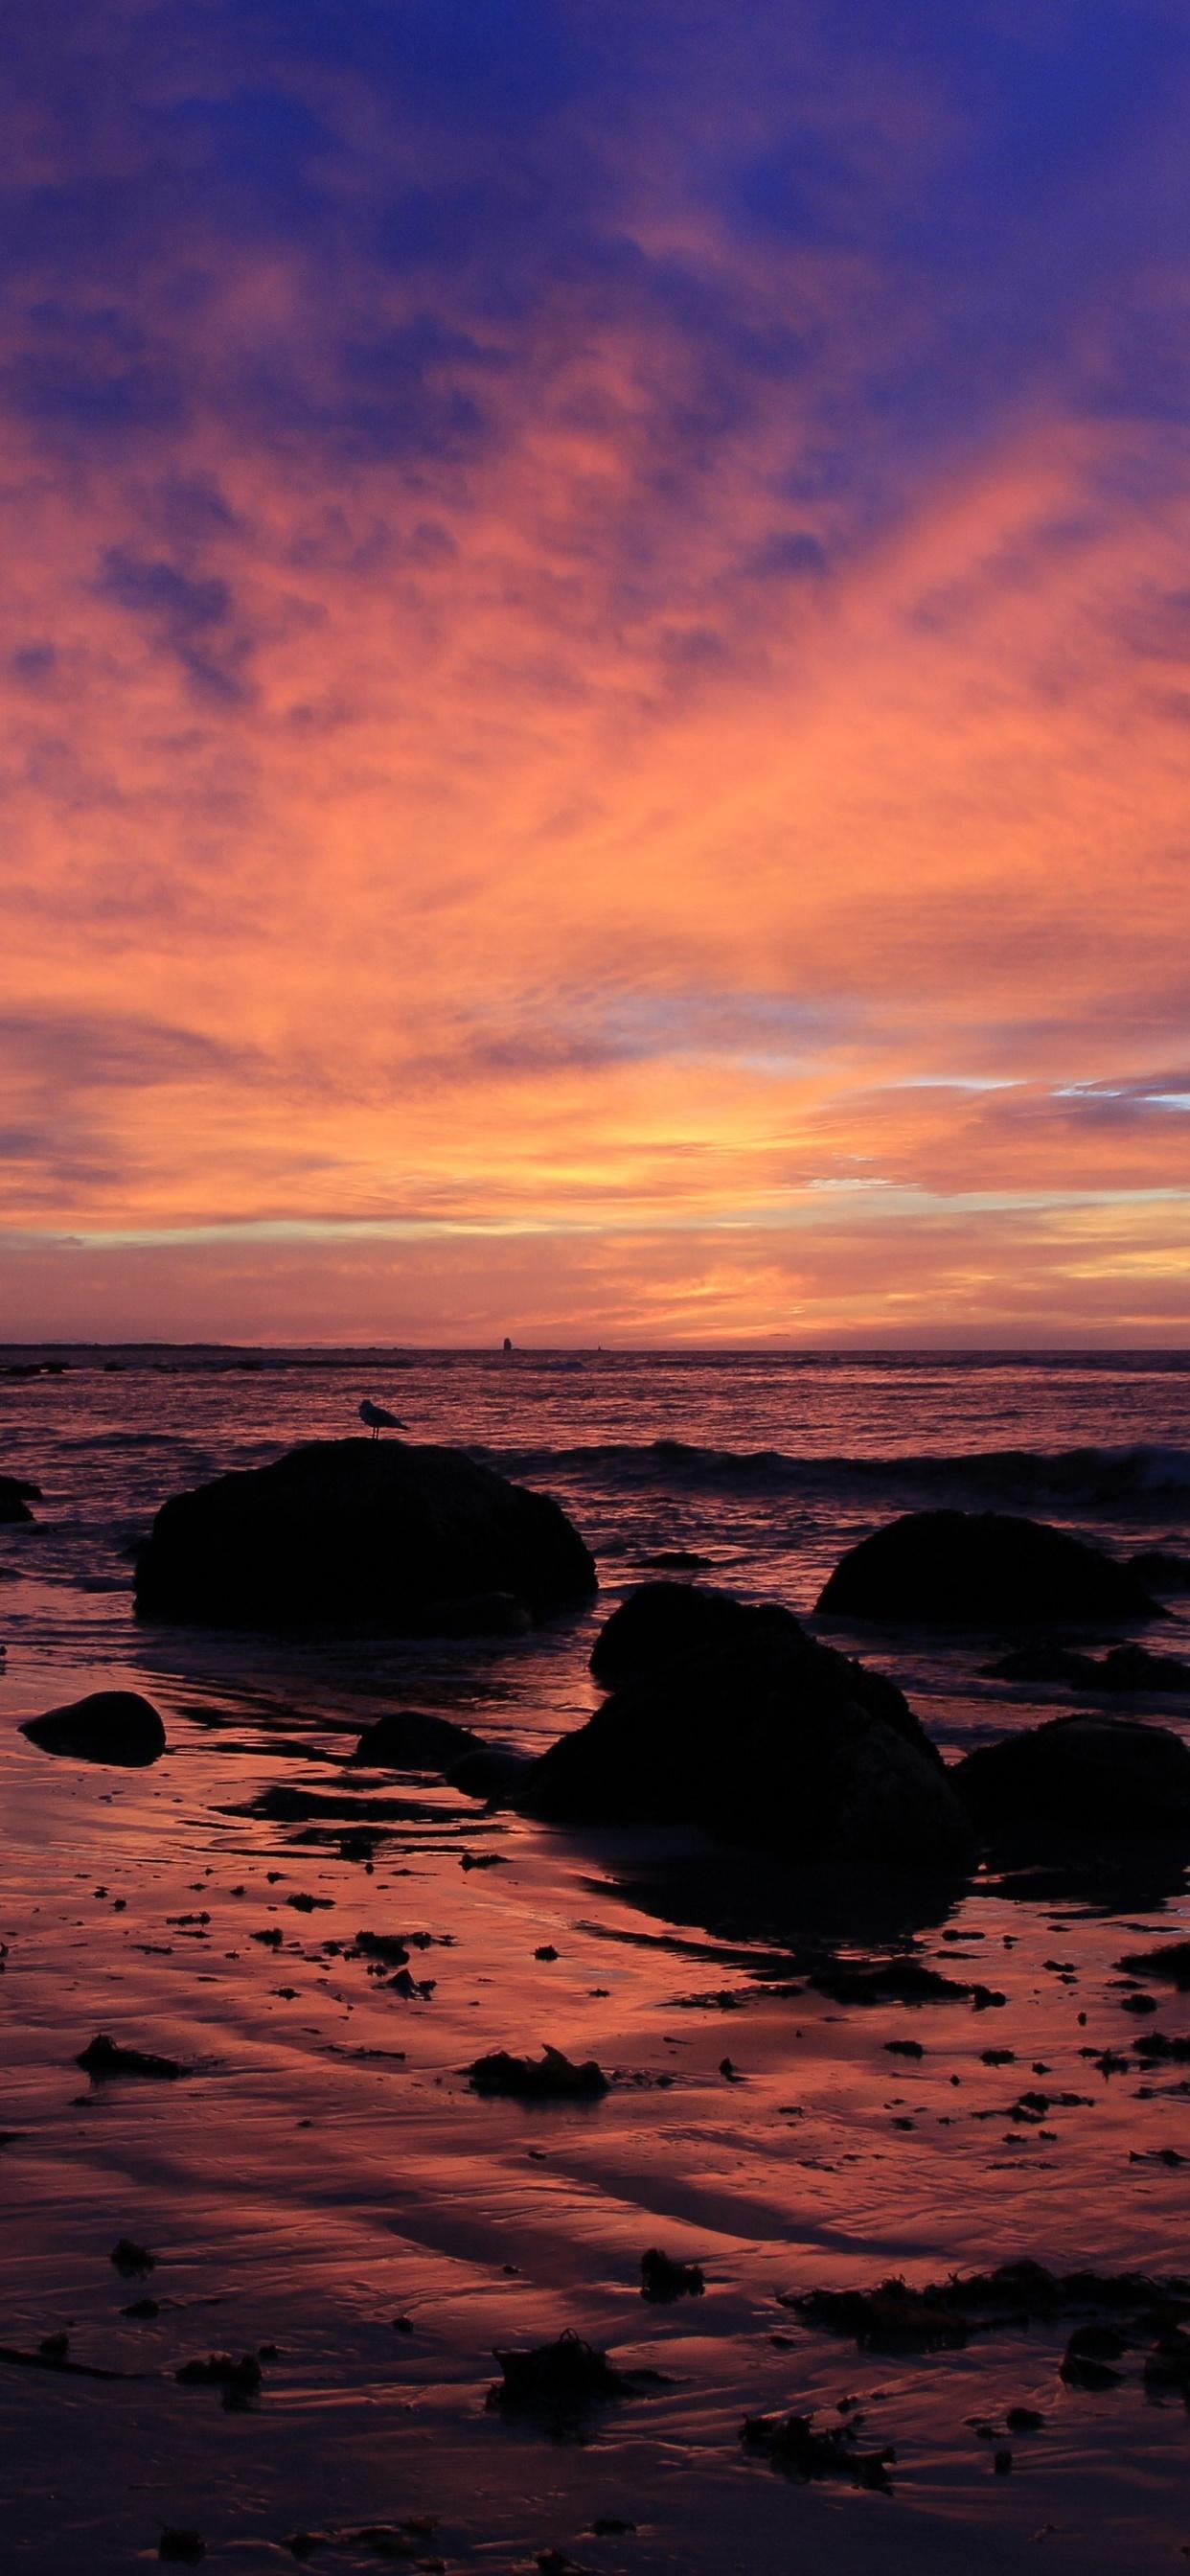 sunrsie-beach-ocean-sky-4k-ml.jpg